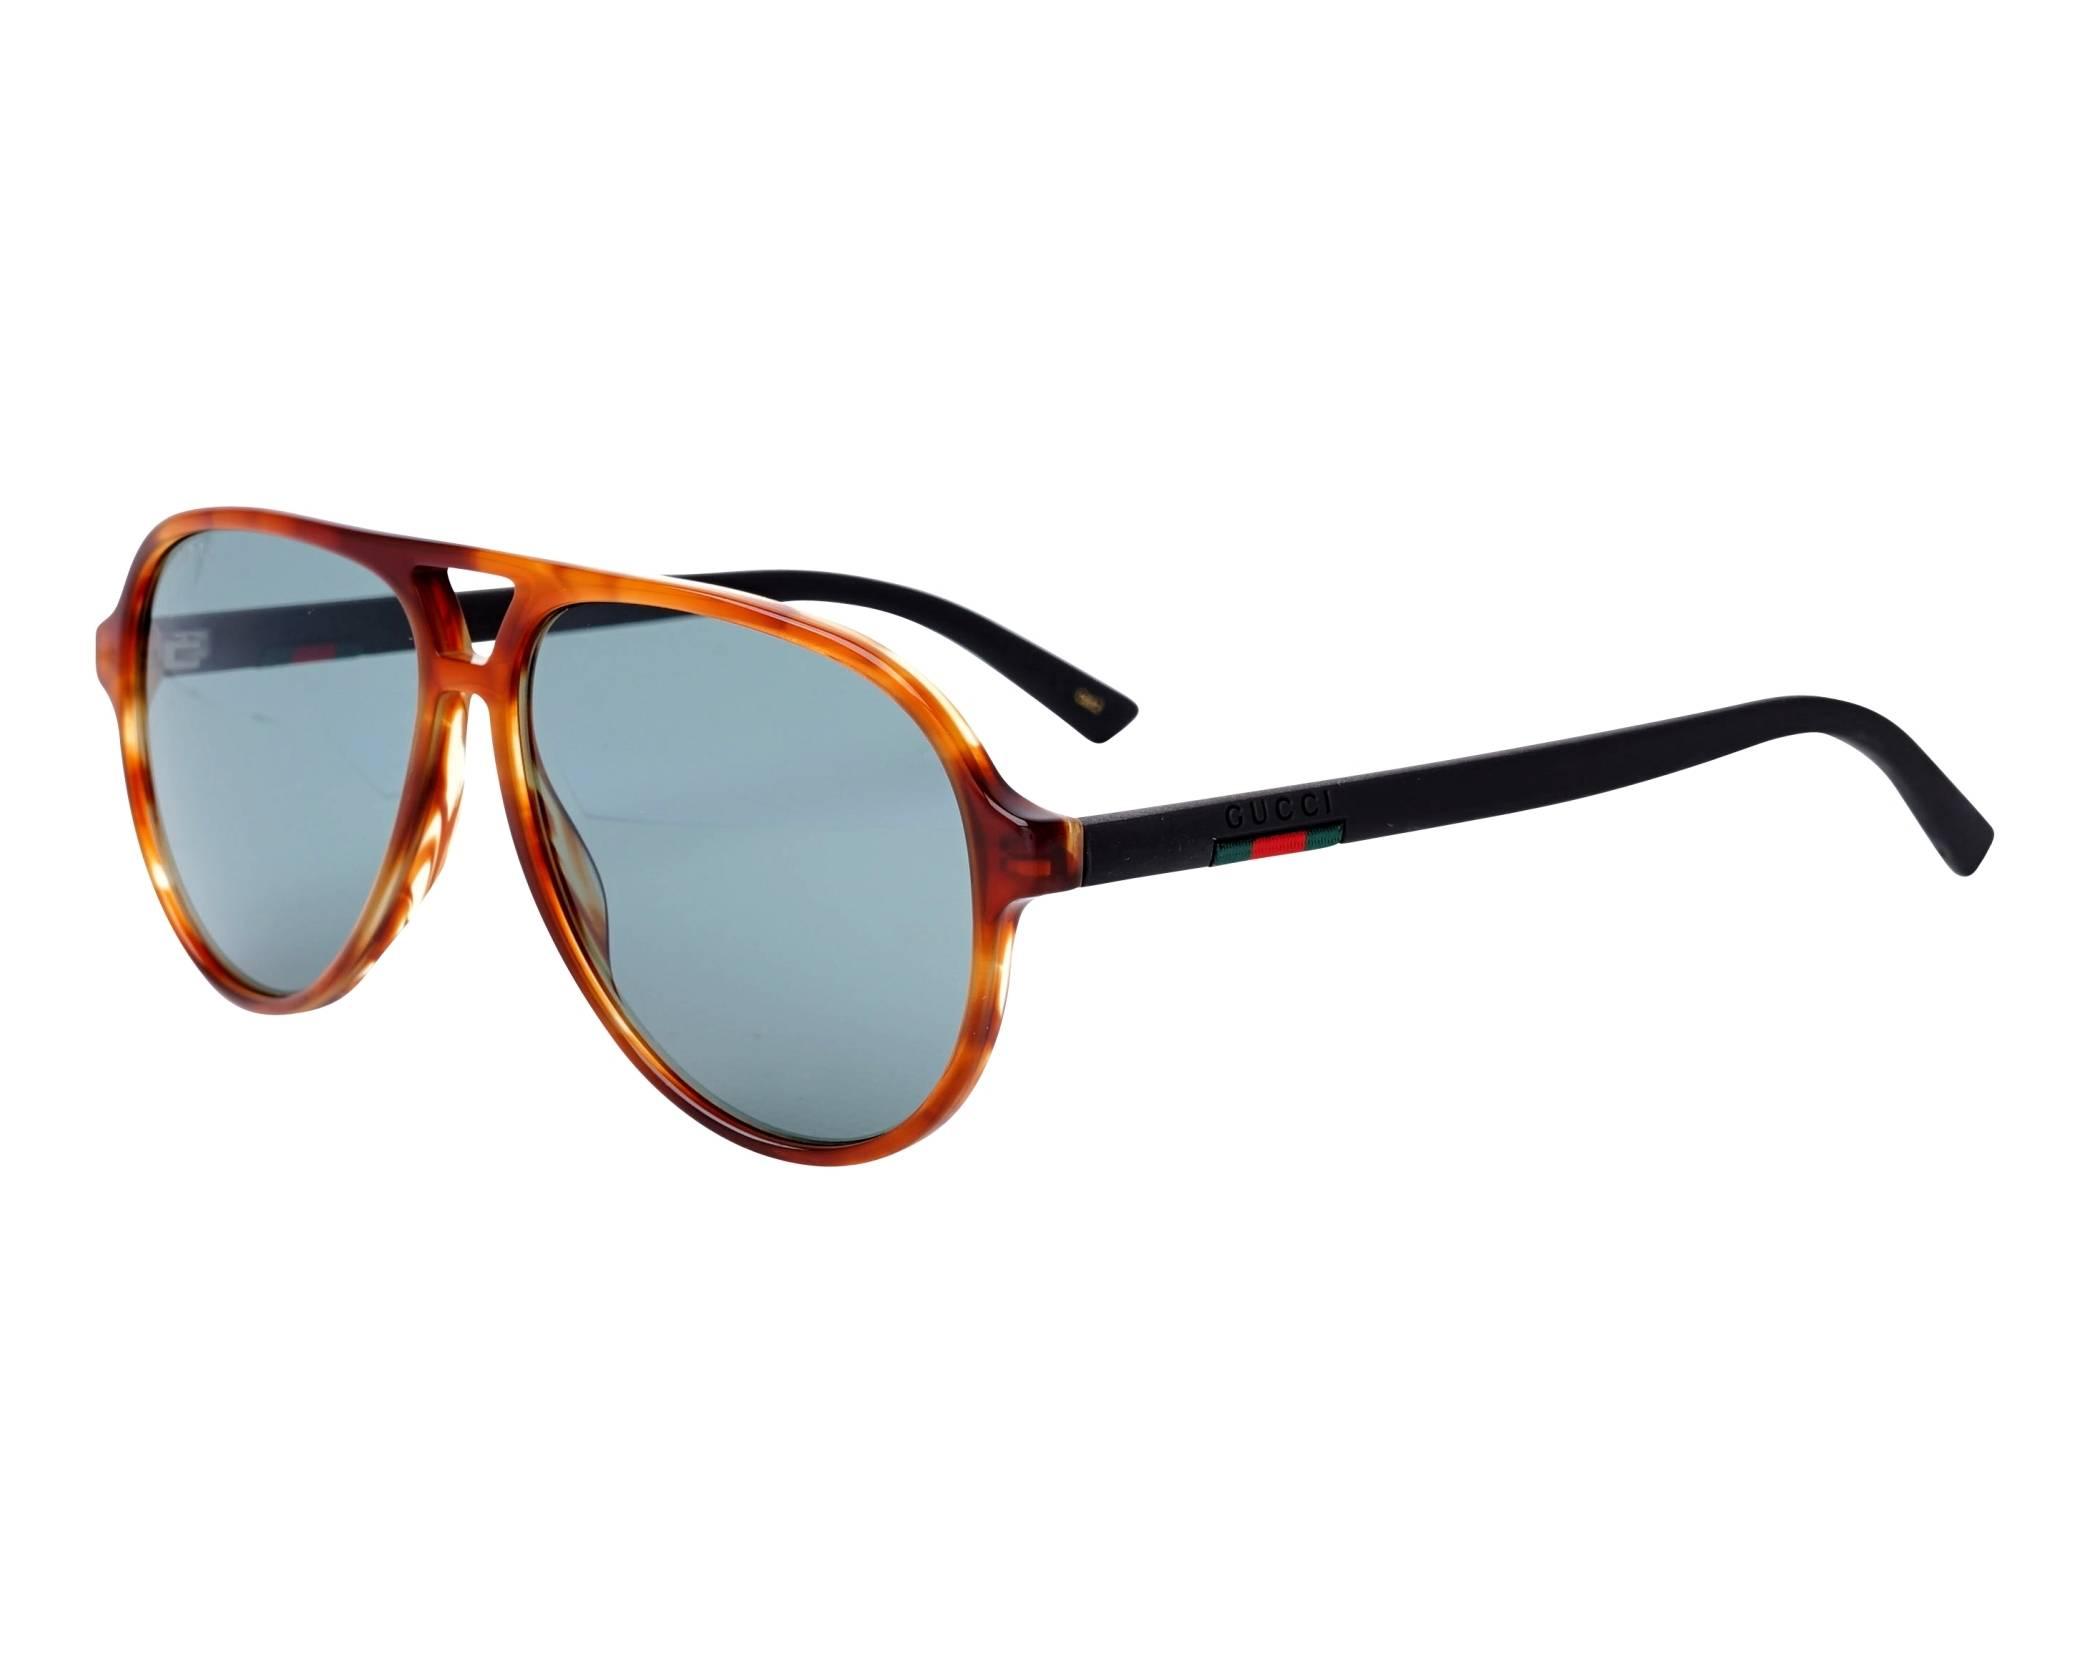 0f8b7e66b11df Sunglasses Gucci GG-0423-S 005 58-13 Havana Black profile view